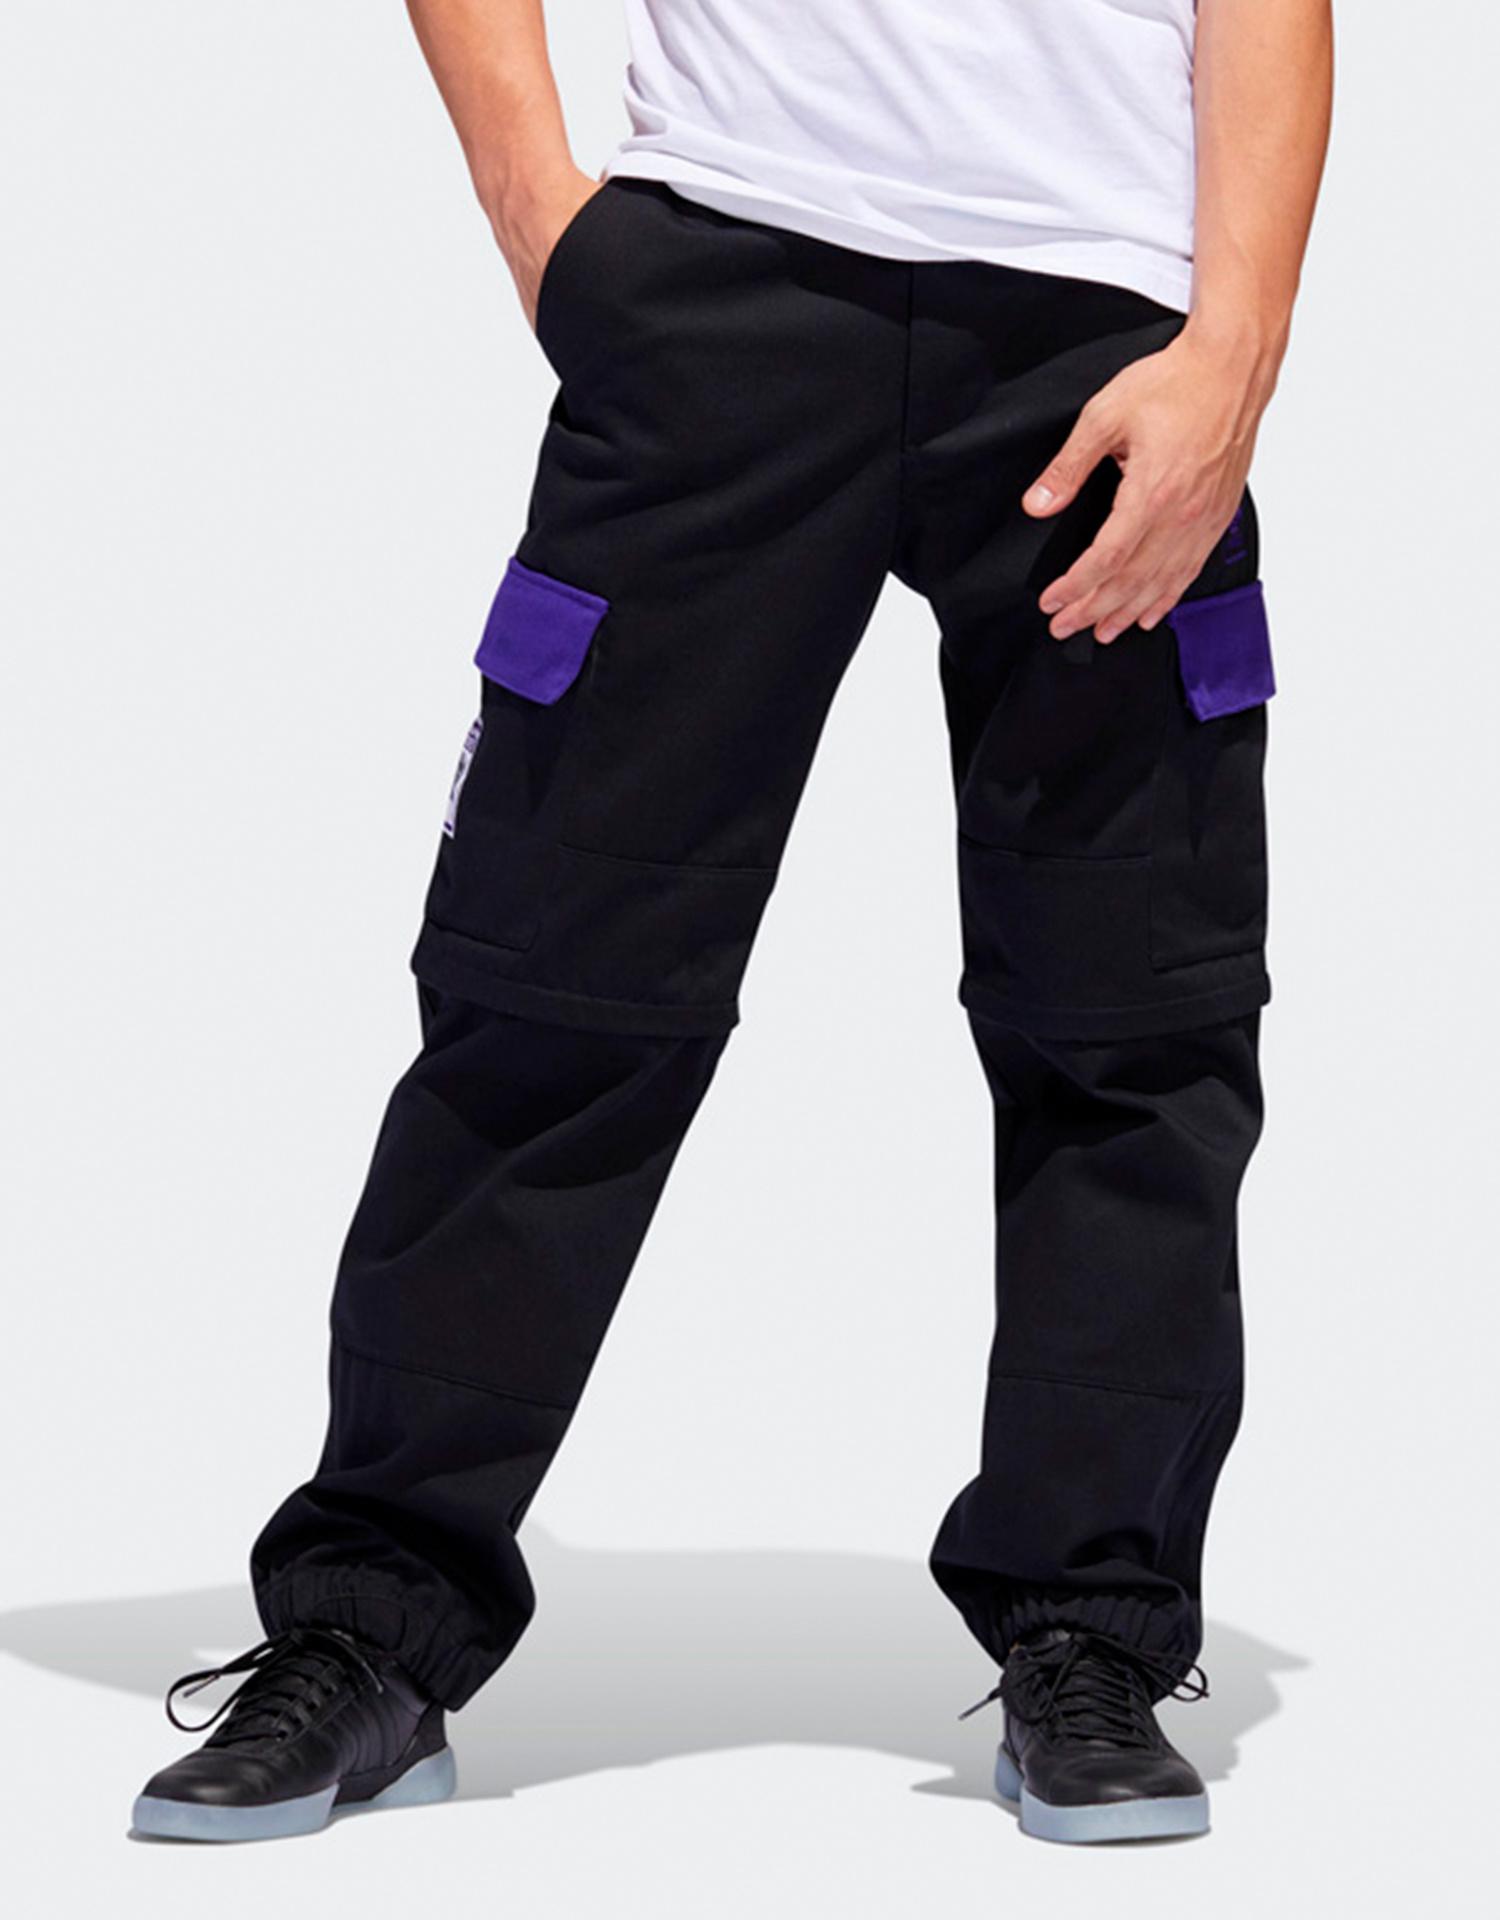 Adidas X hardies pants            black/cpurpl